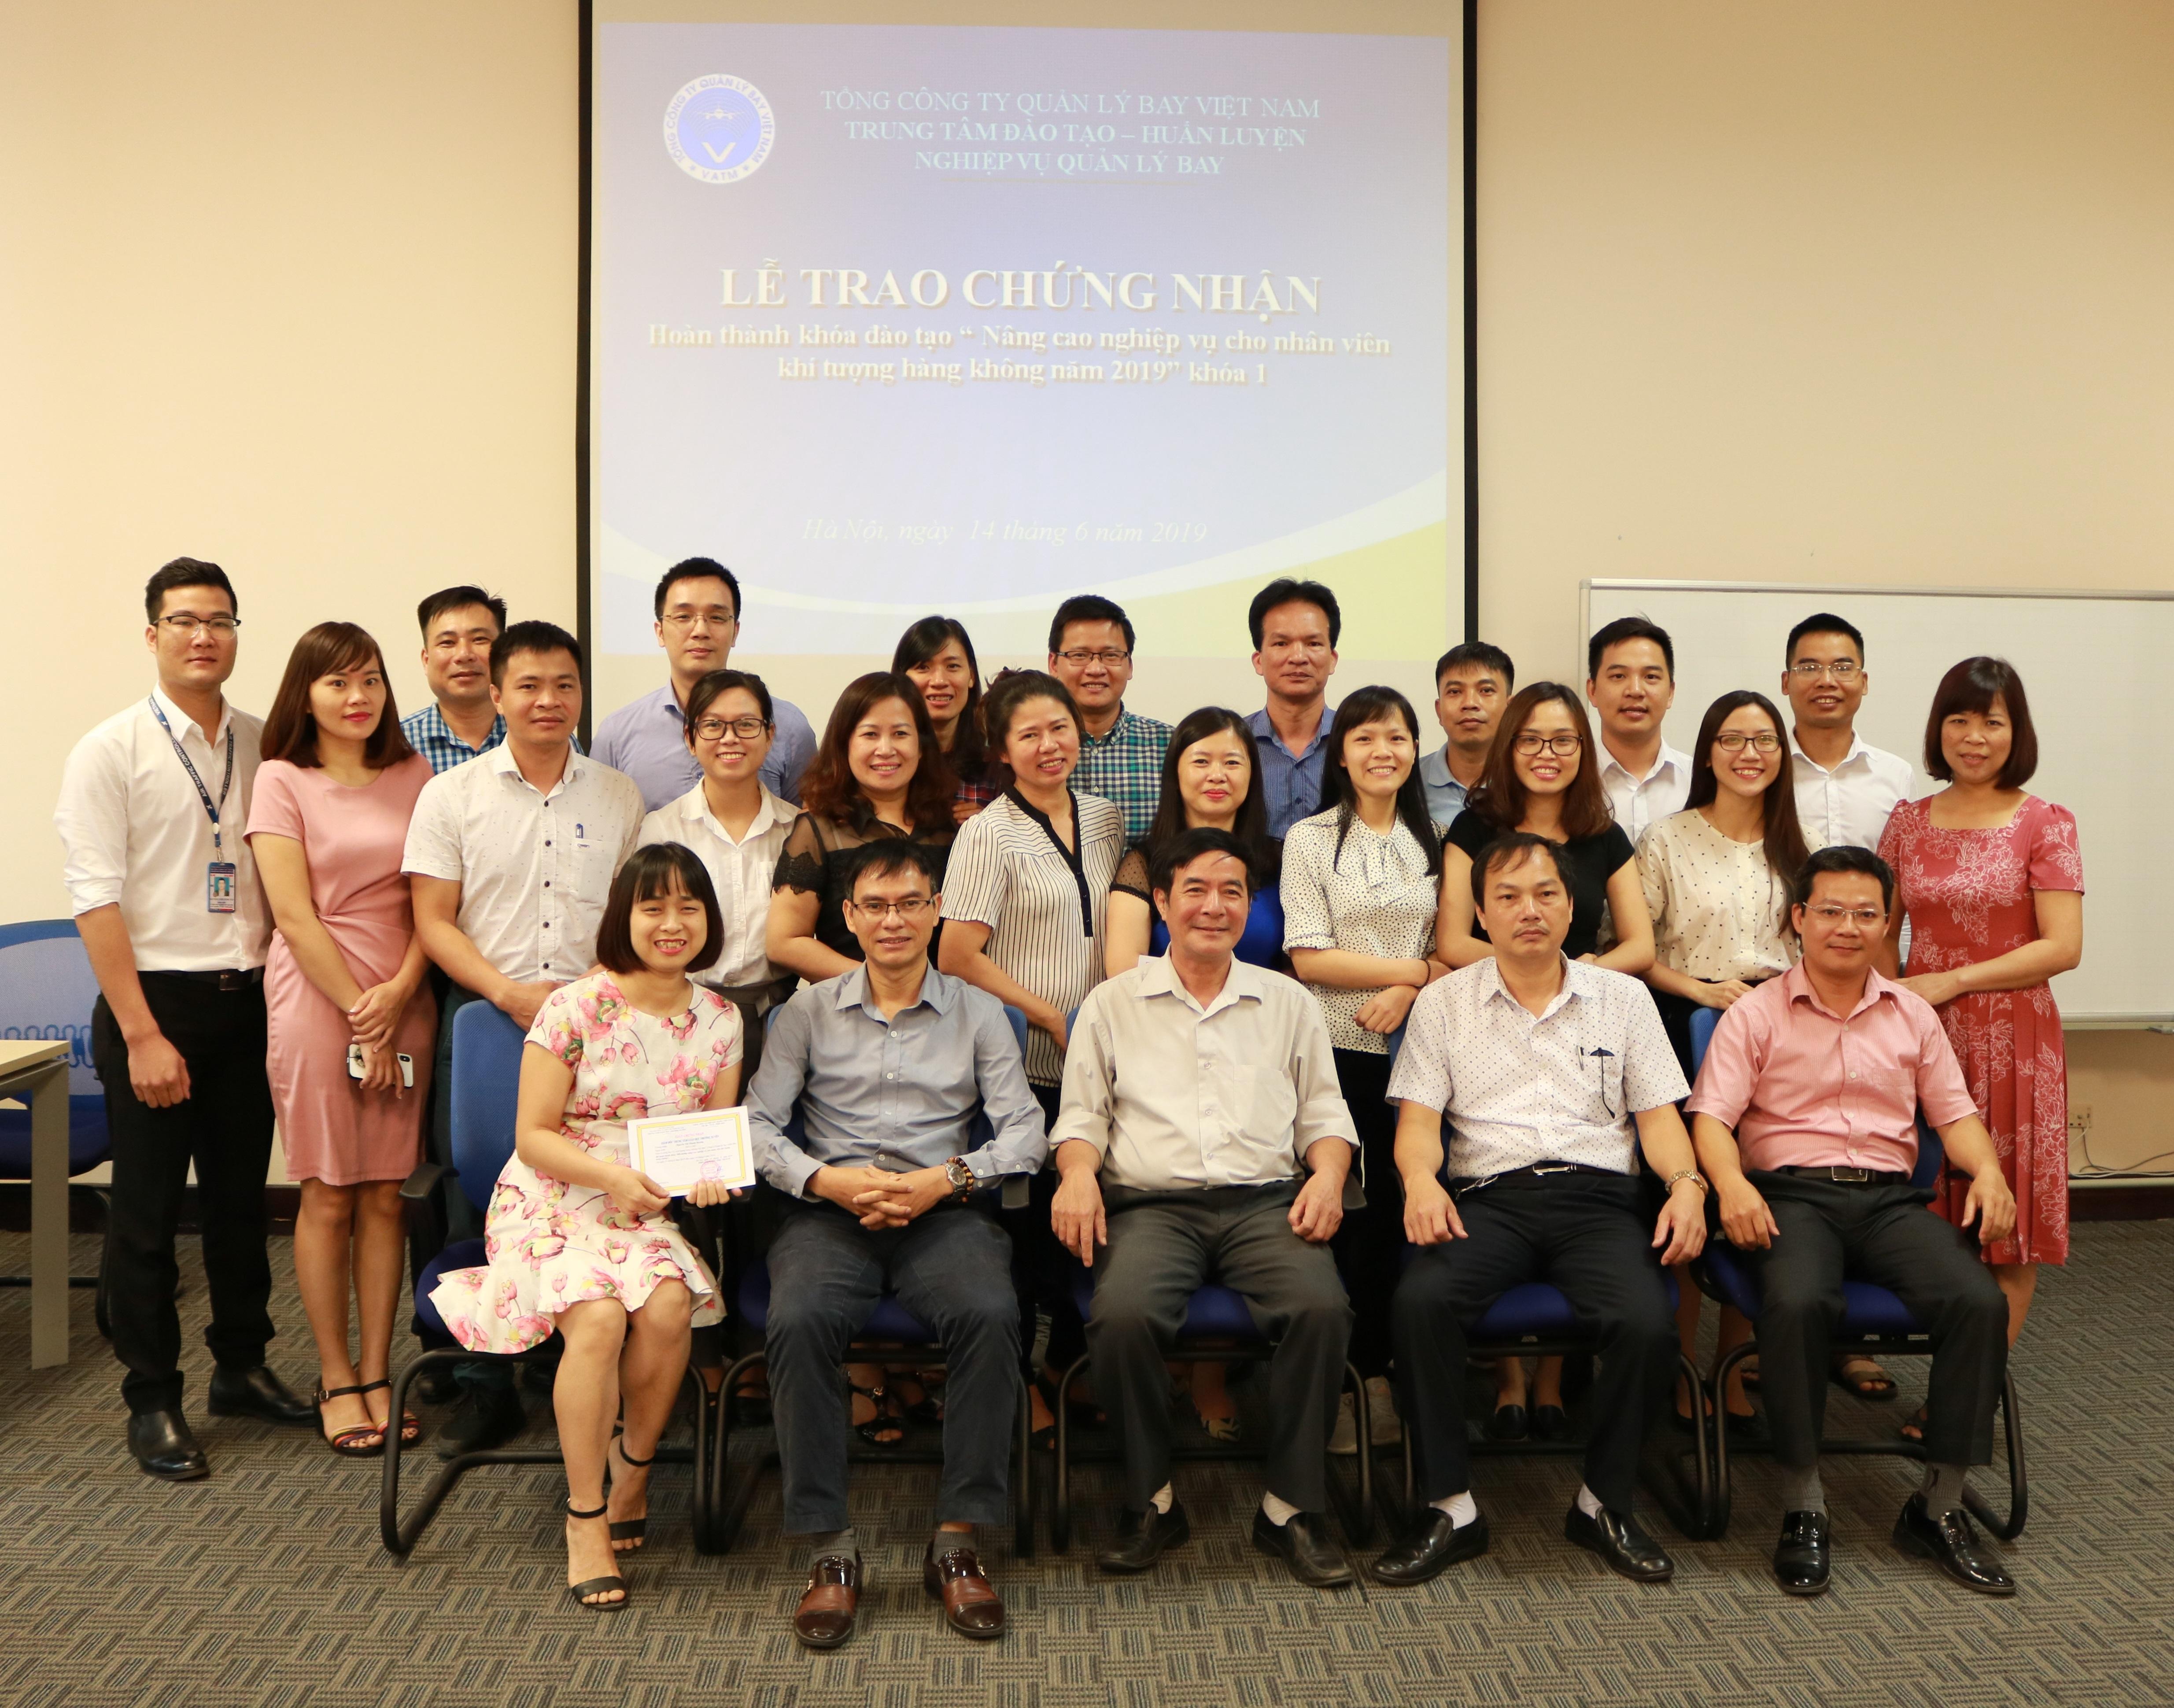 Trung tâm Đào tạo - Huấn luyện nghiệp vụ Quản lý bay tổ chức các khóa bồi dưỡng cho nhân viên Khí tượng hàng không